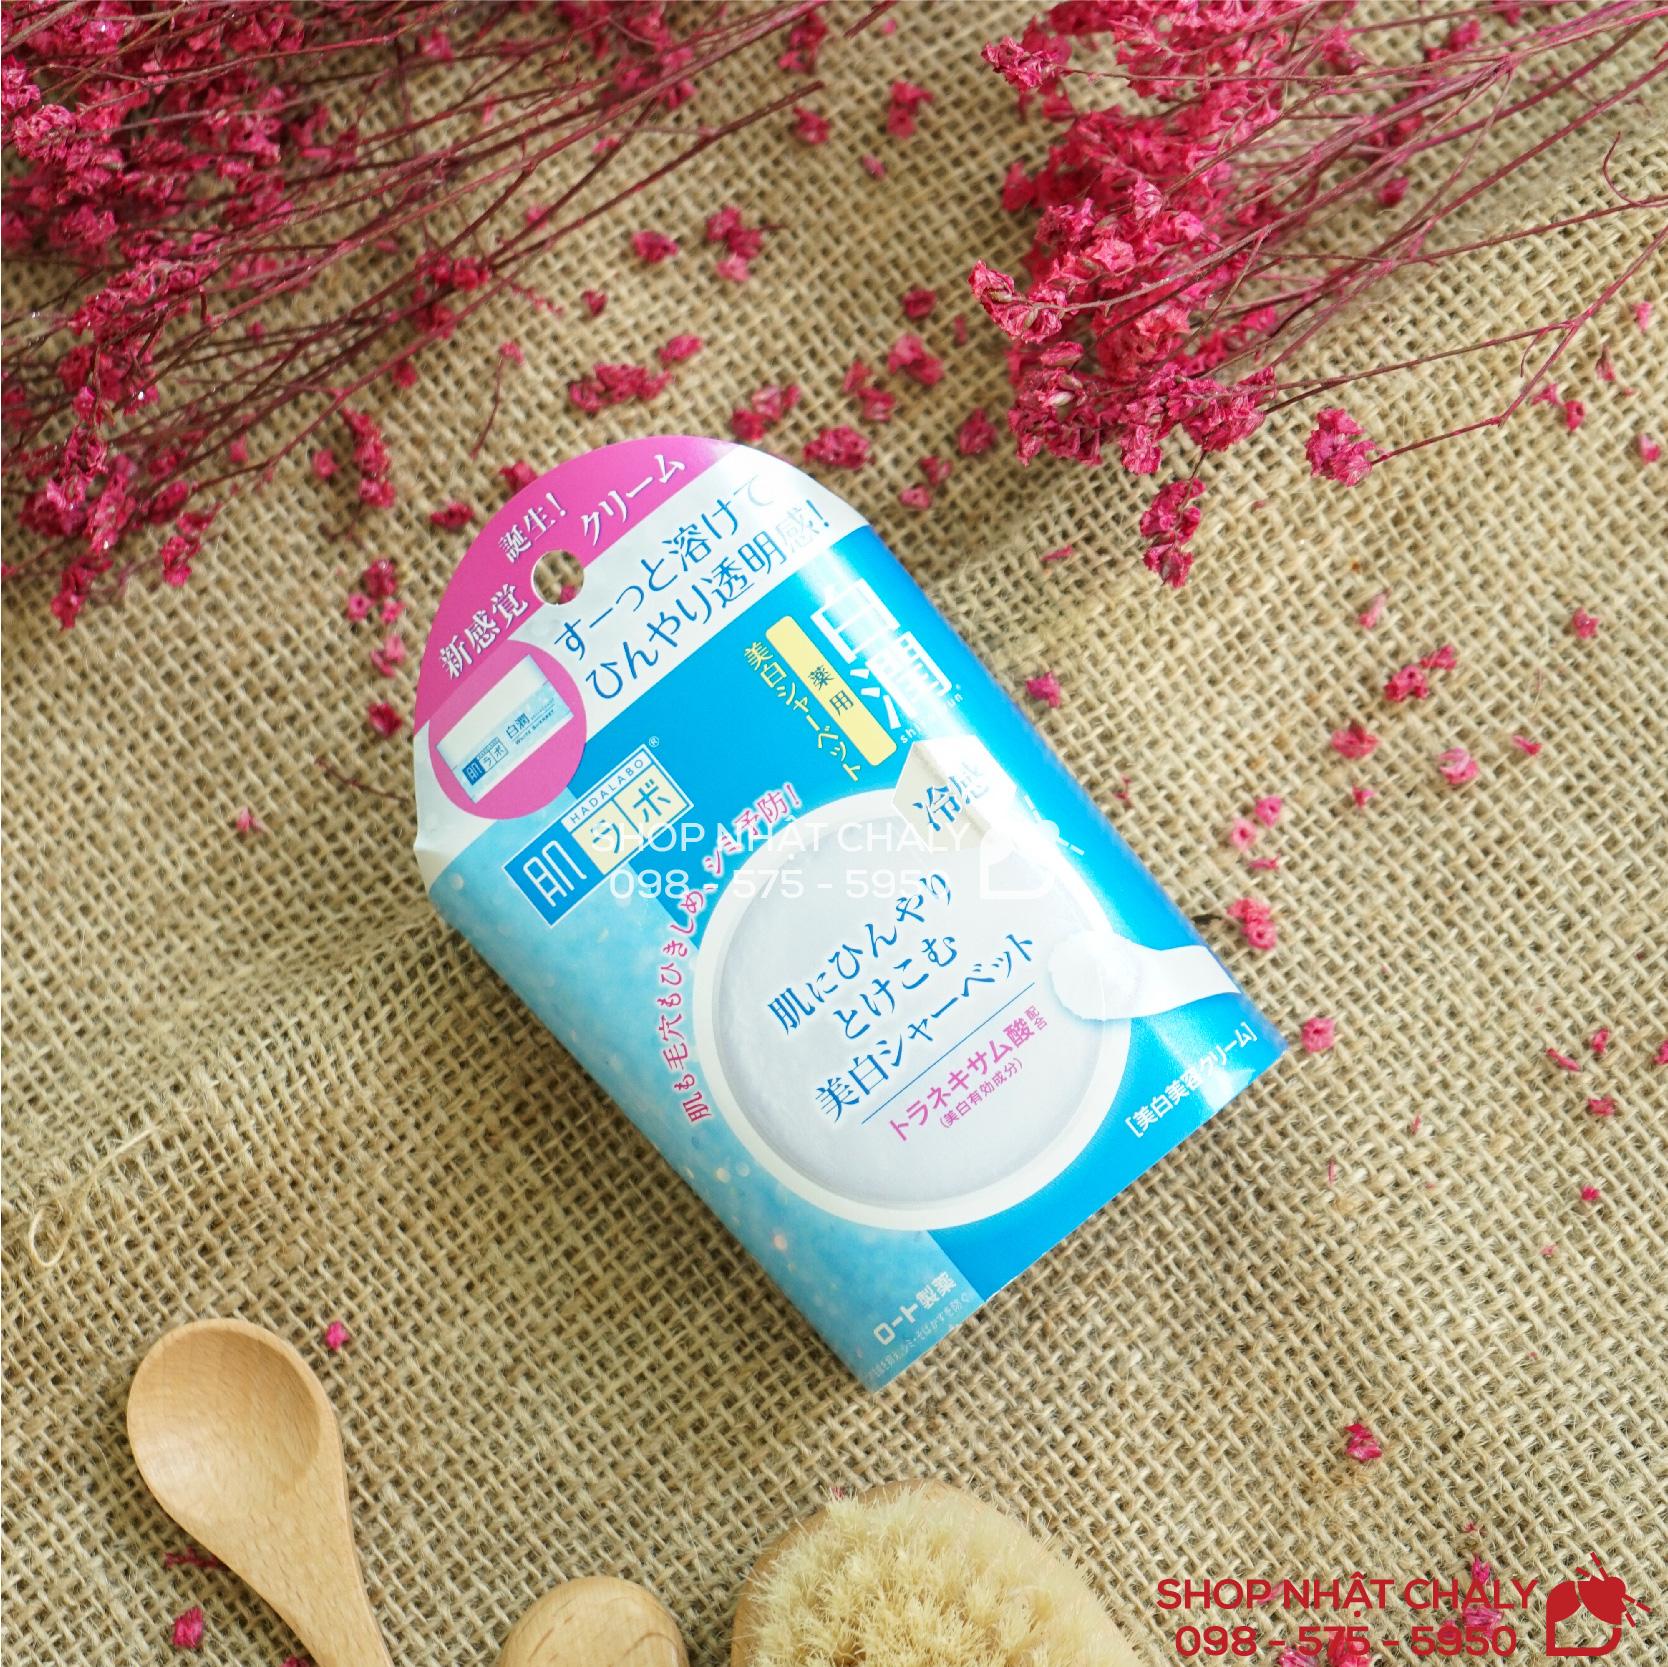 Kem lạnh dưỡng trắng da Hada Labo Shirojyun White Sherbet nội địa Nhật Bản